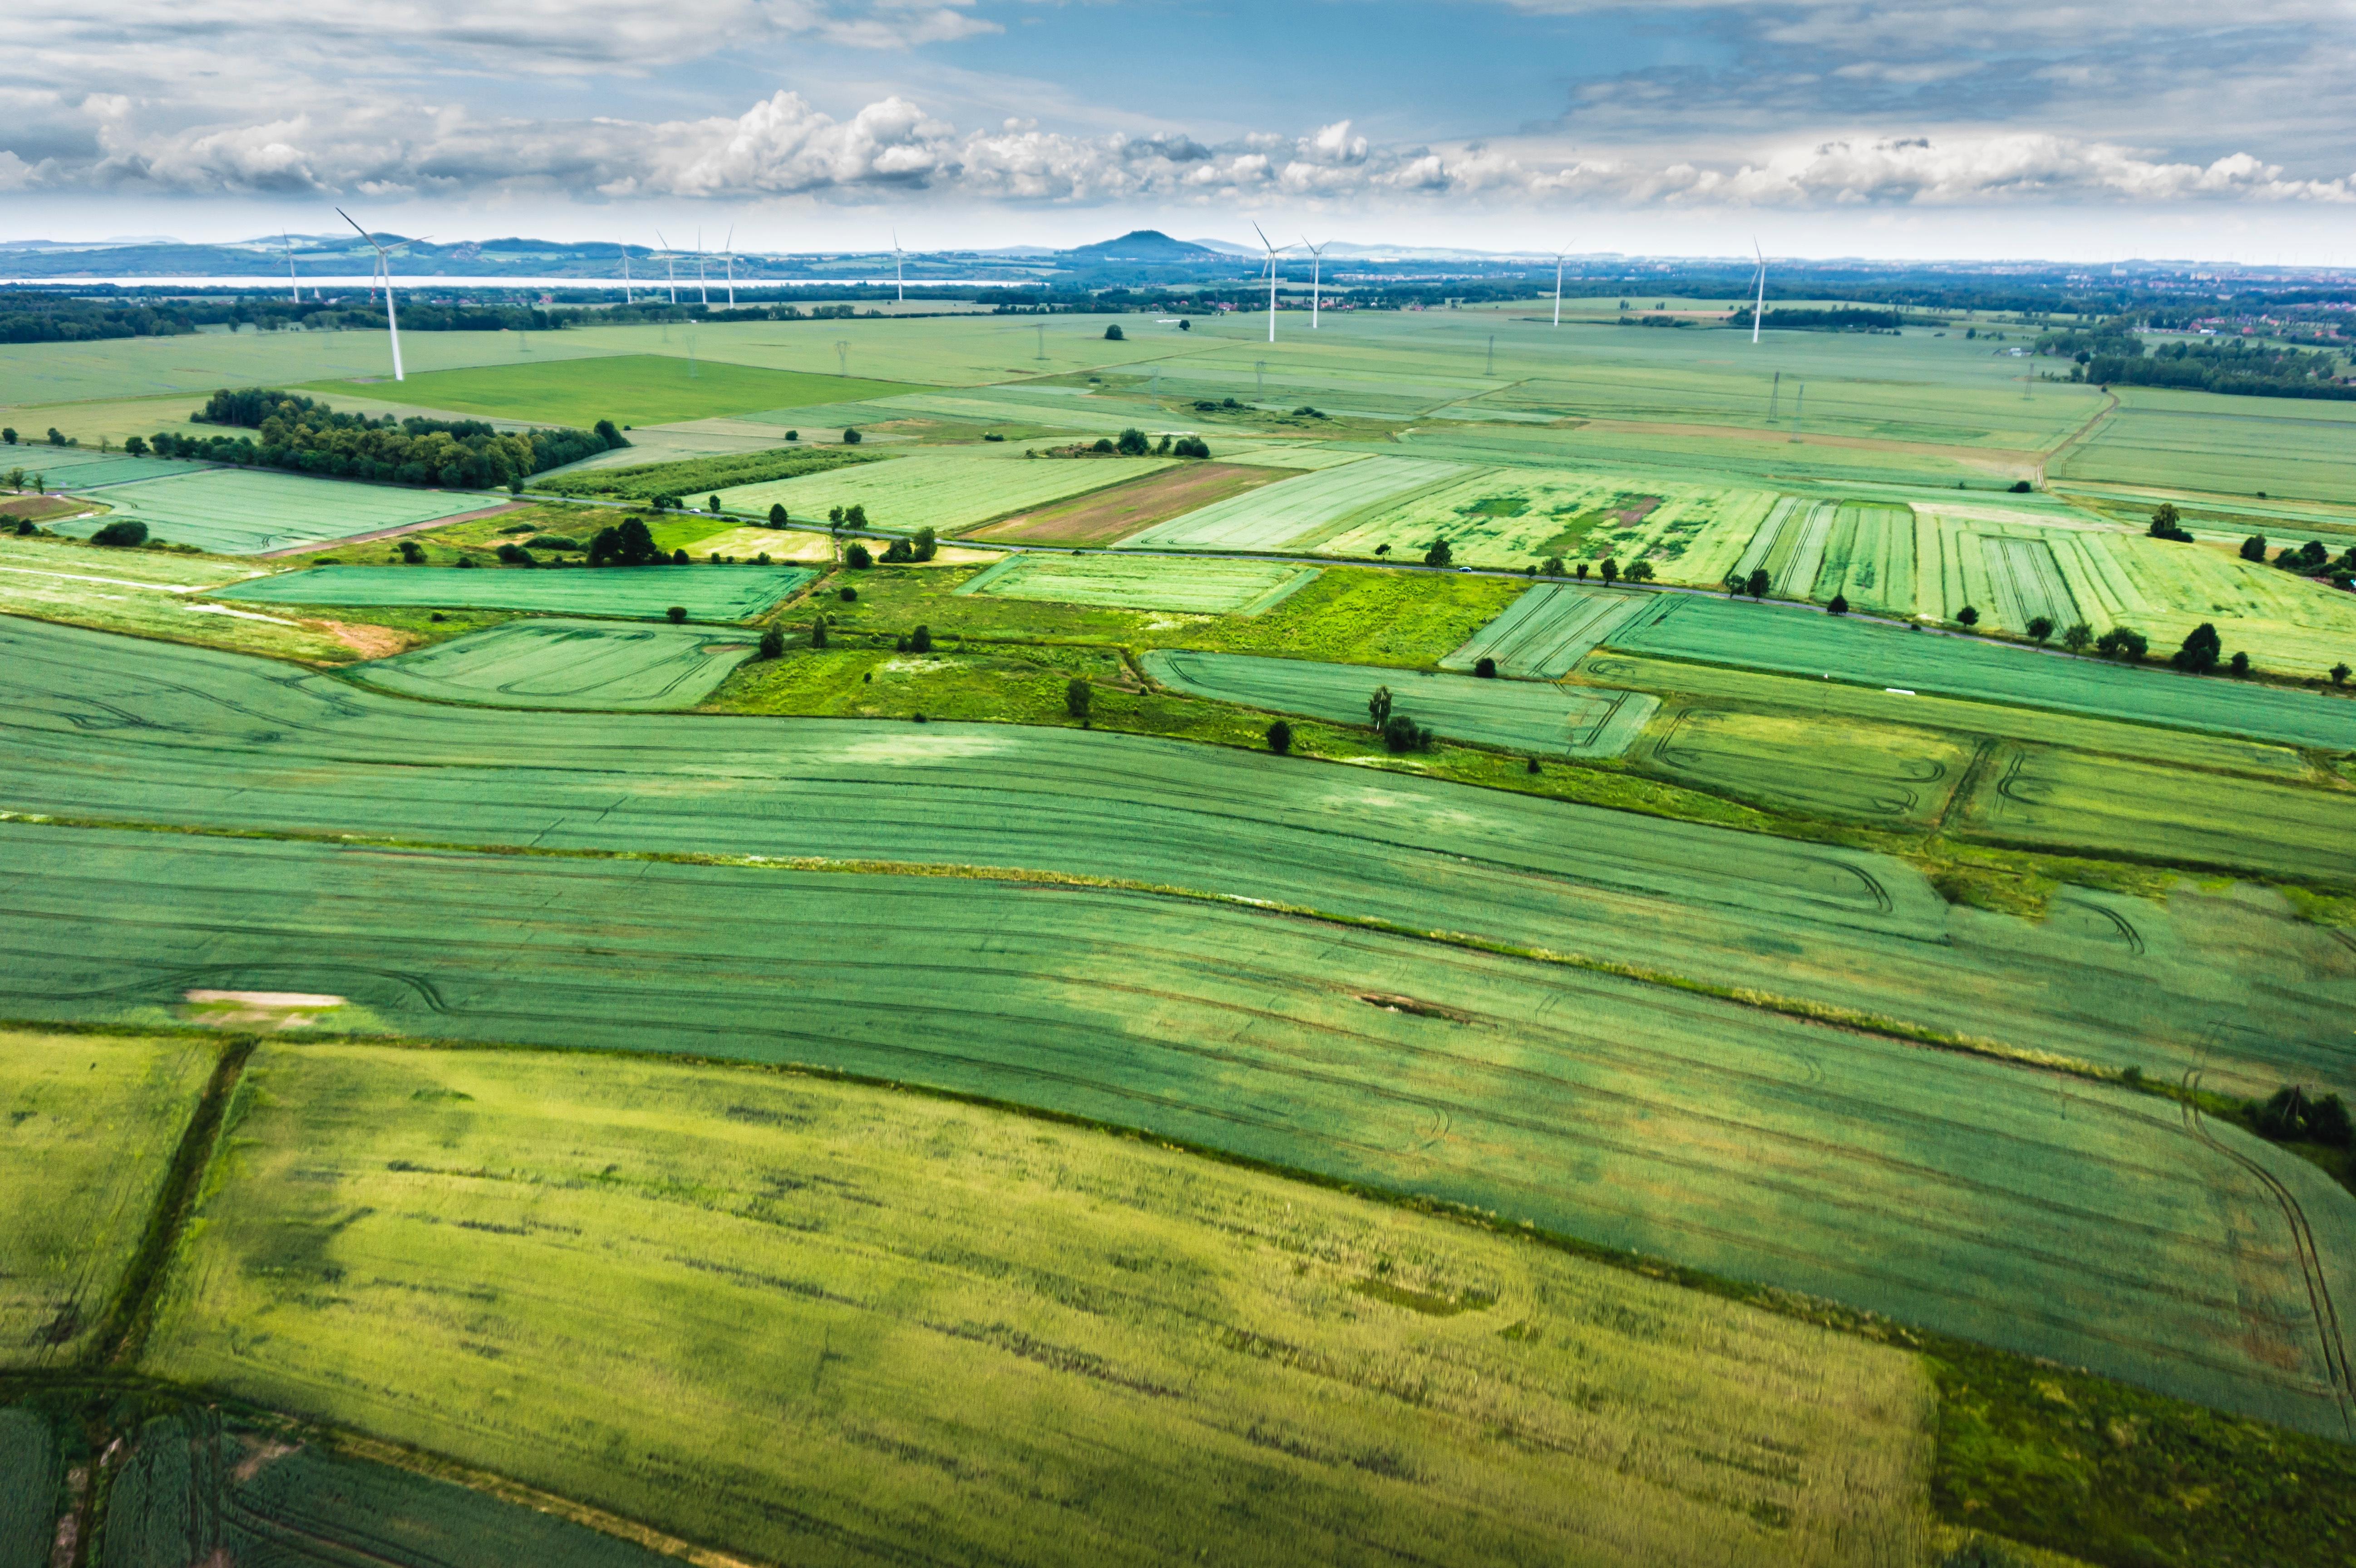 Картинки сельскохозяйственного назначения